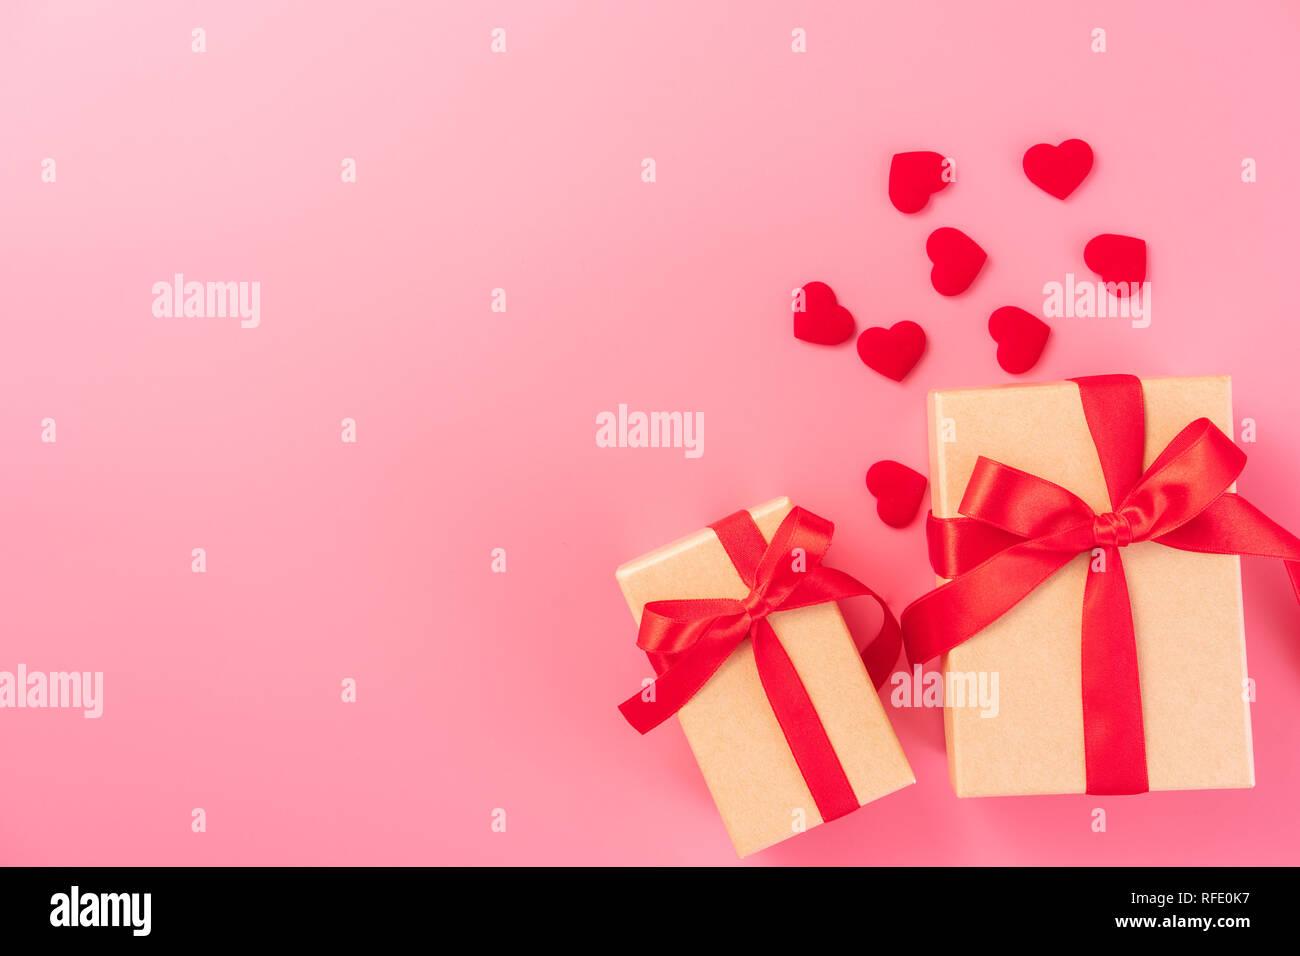 Überraschung valentinstag